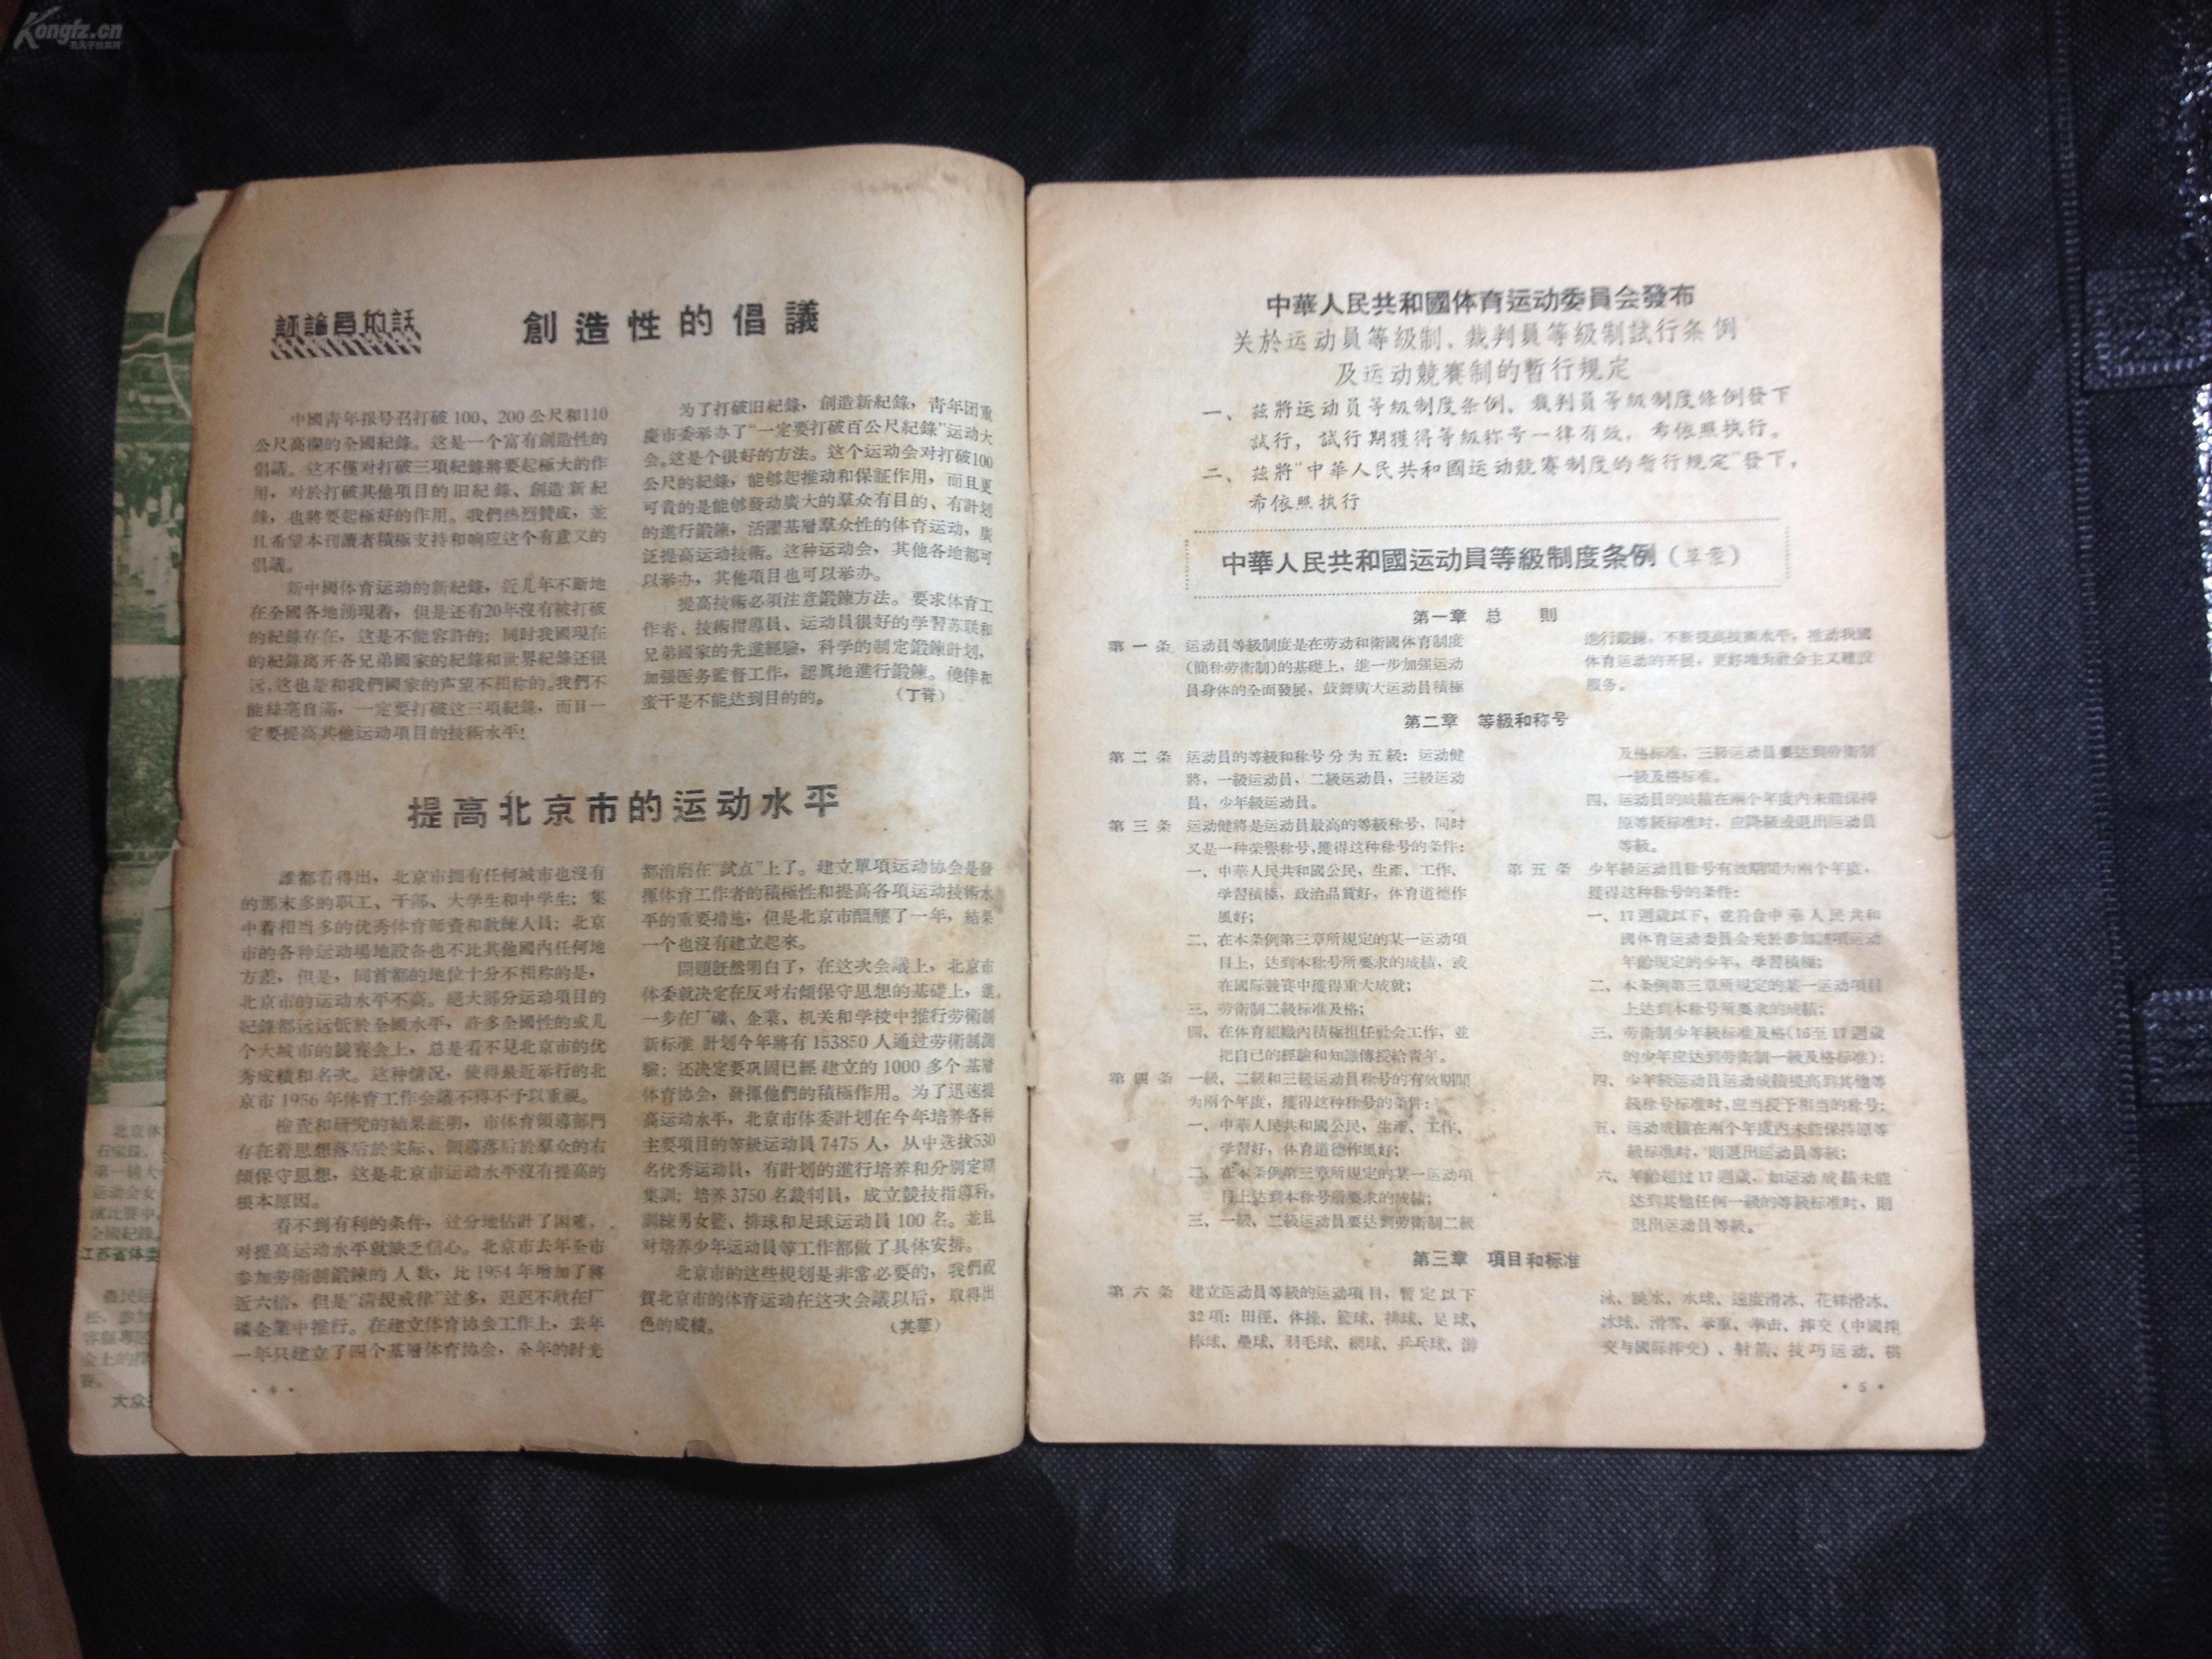 50藏獒《新体育》(9期)《运动员,裁判员等级制乒乓球界年代图片